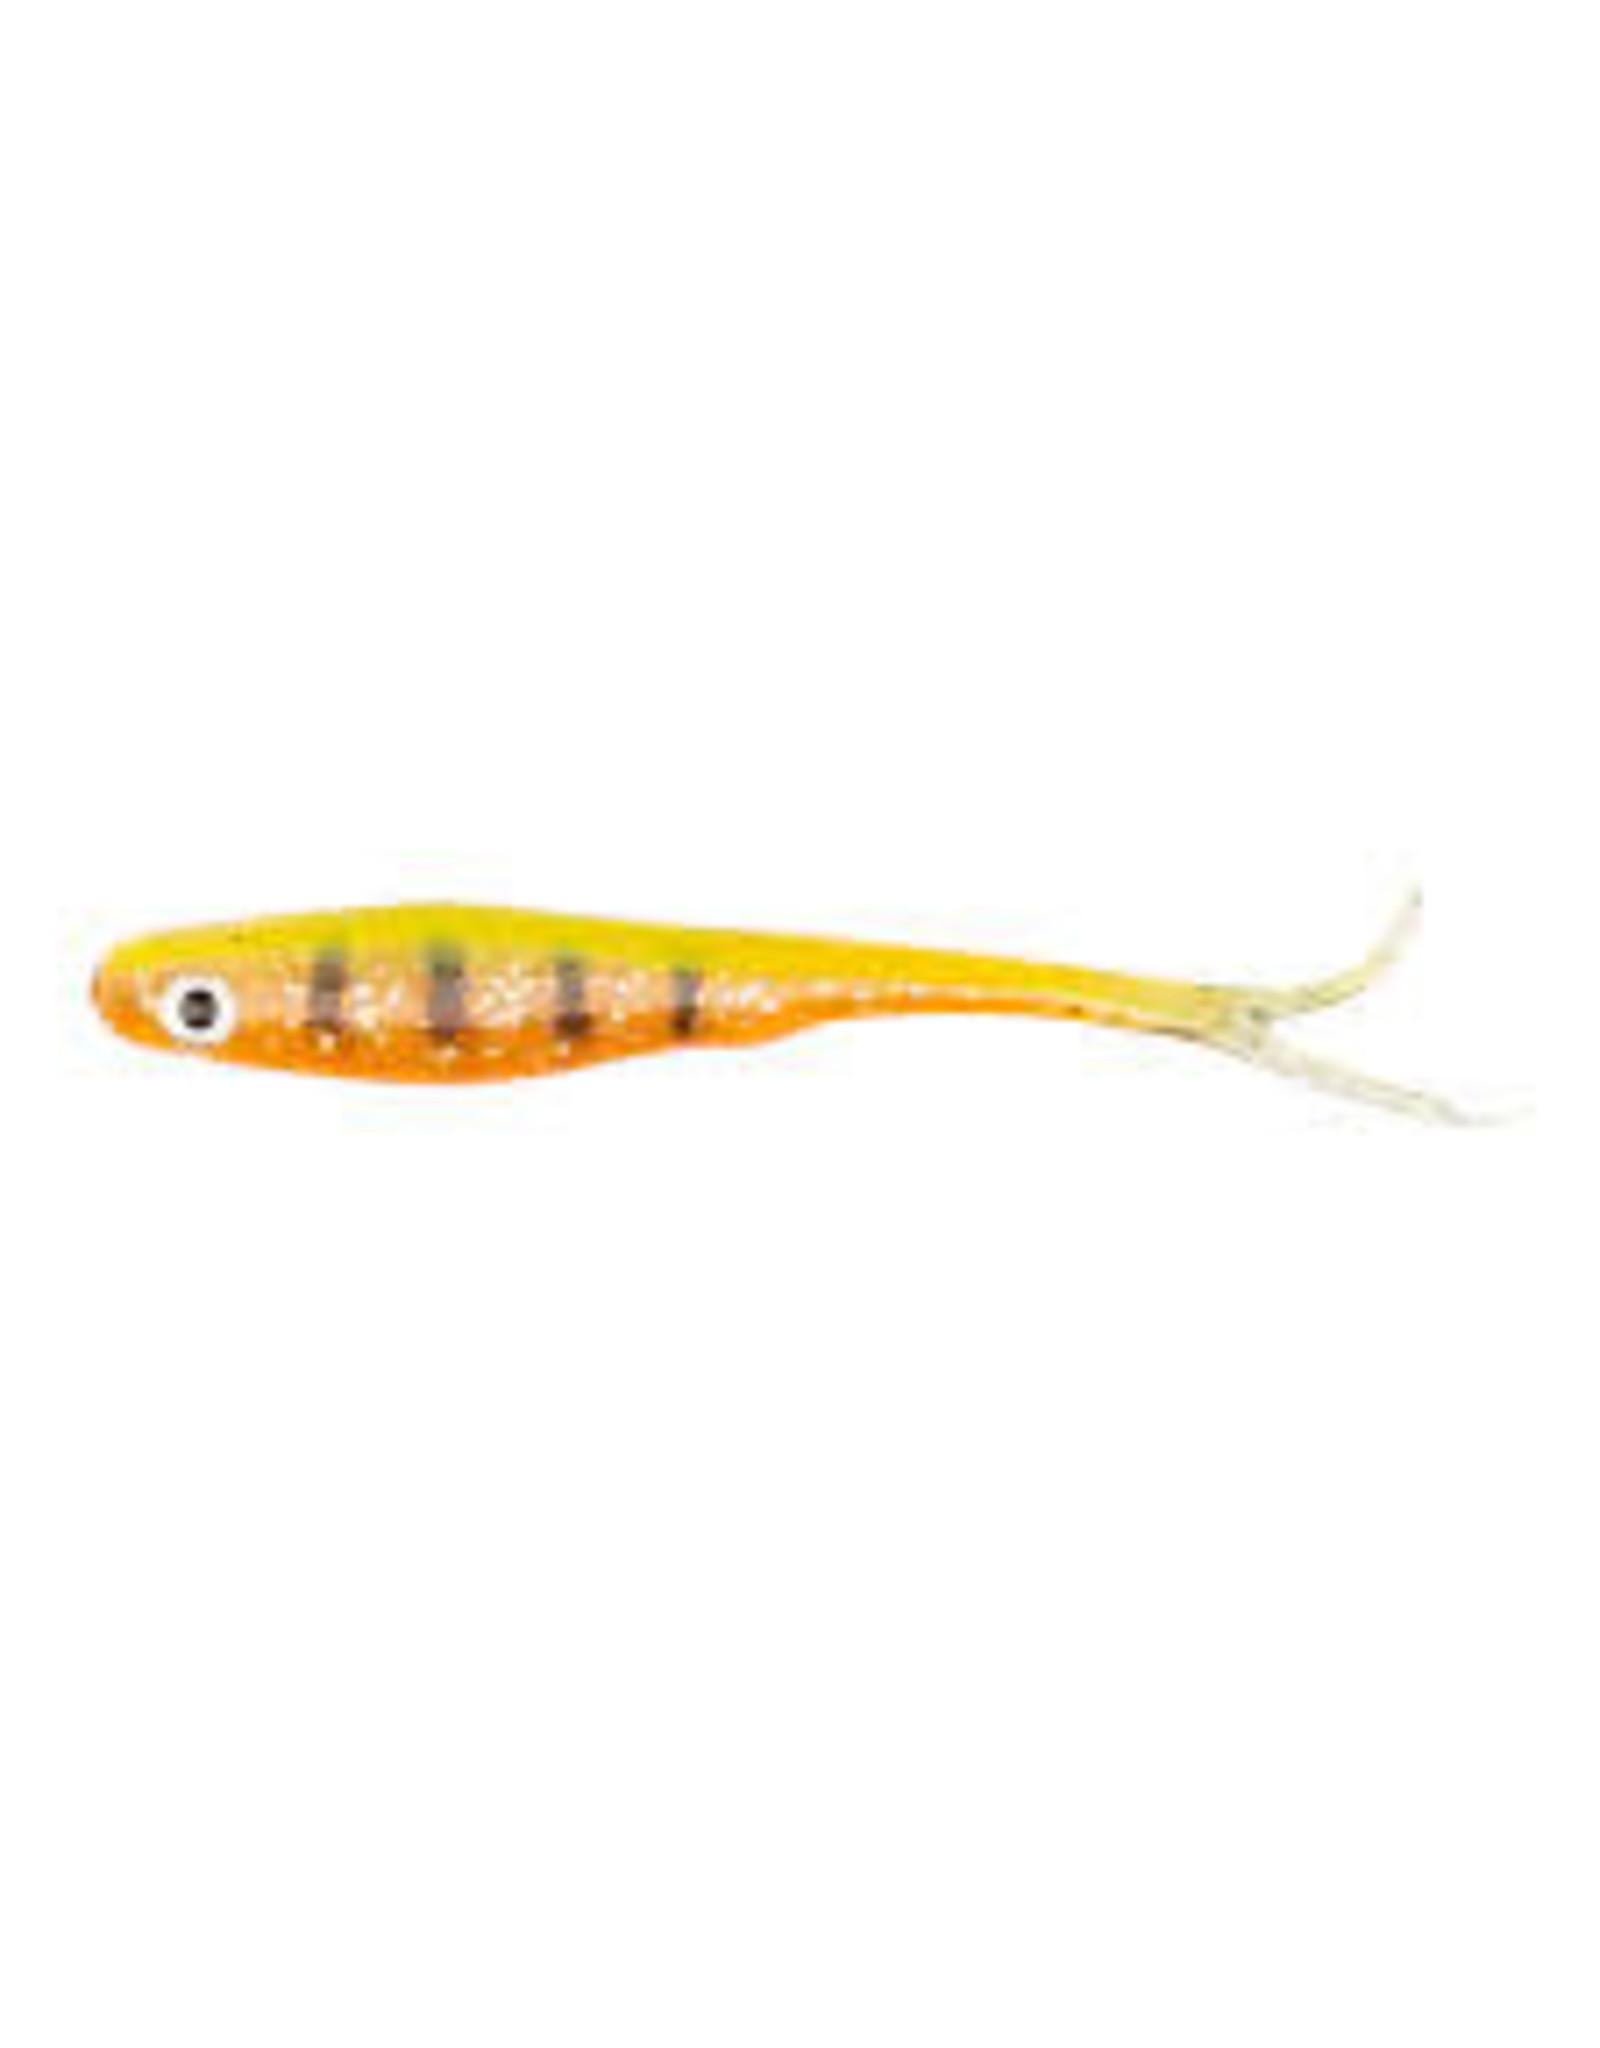 Berkley URBN Hollowbelly v-tail